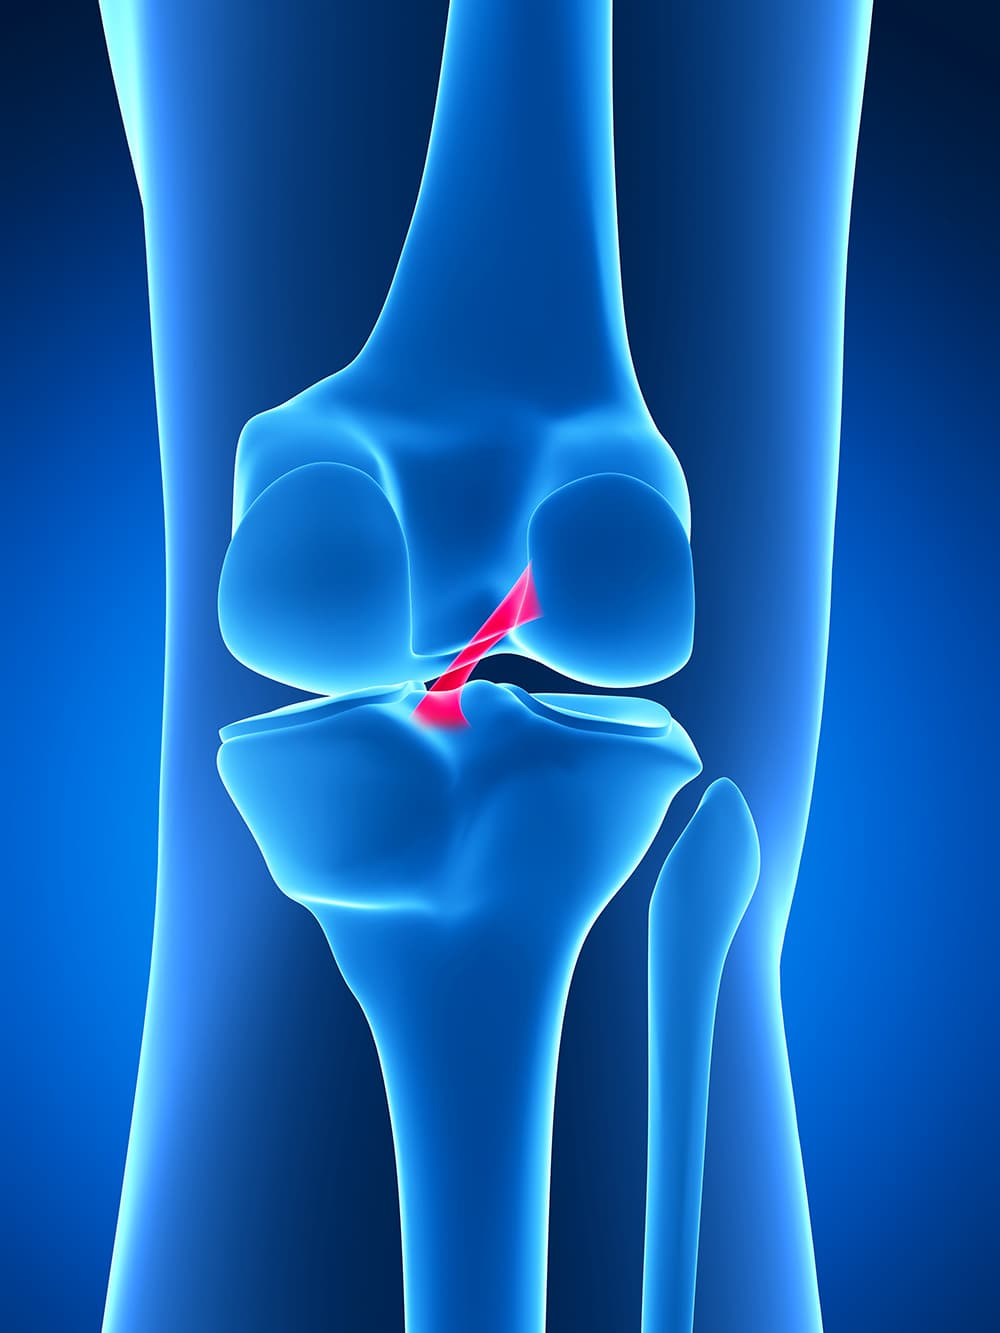 Schema descriptif du ligament croisé antérieur